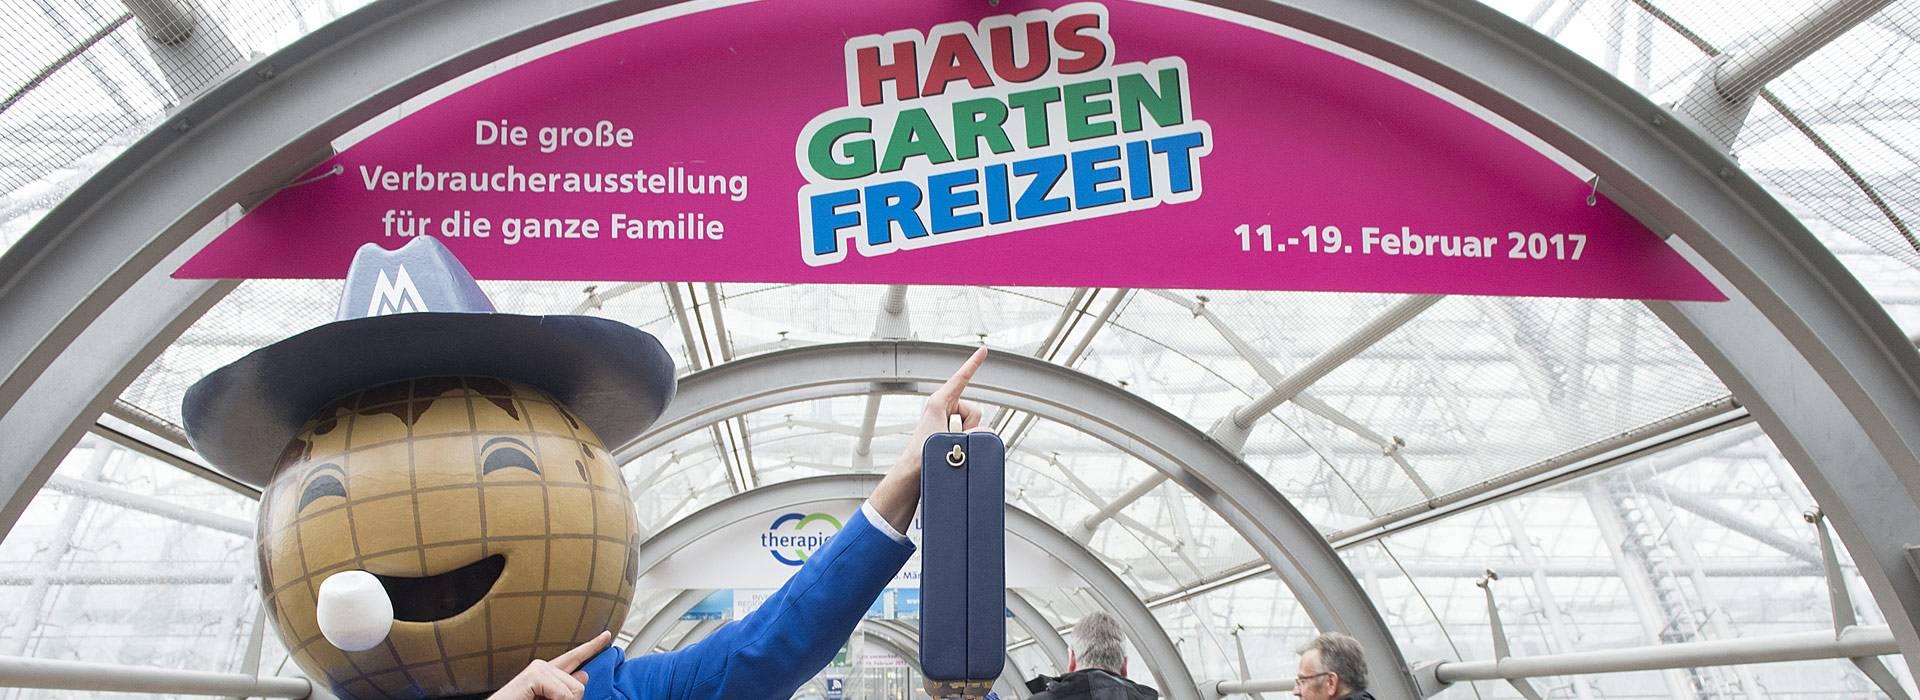 haus-garten-freizeit – messe leipzig | musterhaus, Garten ideen gestaltung